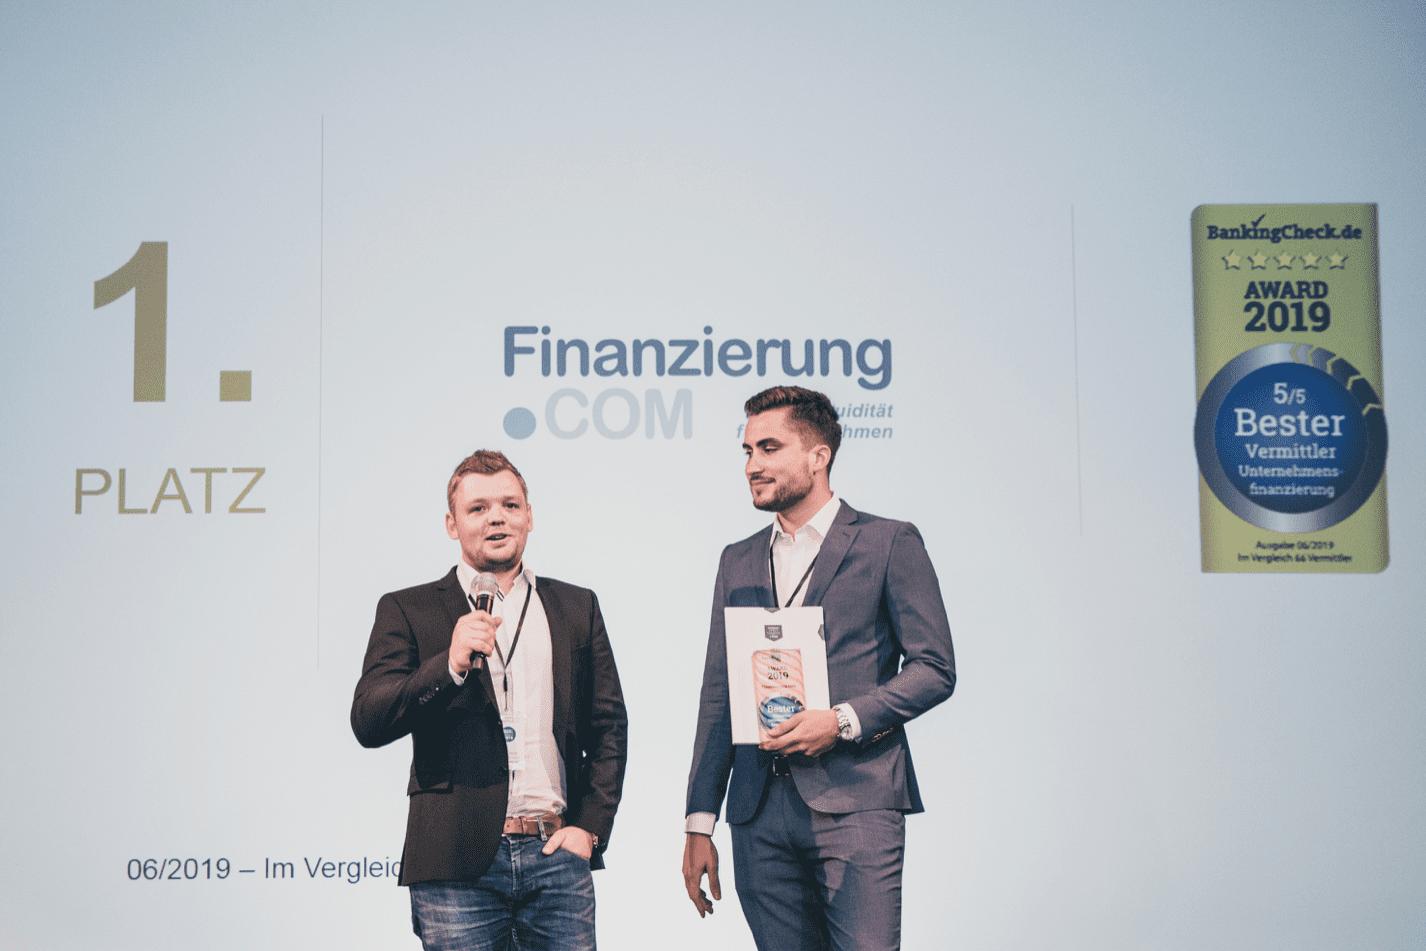 BankingCheck und eKomi Award 2019: FInanzierung.com zum besten Vermittler für Unternehmensfinanzierungen gekürt